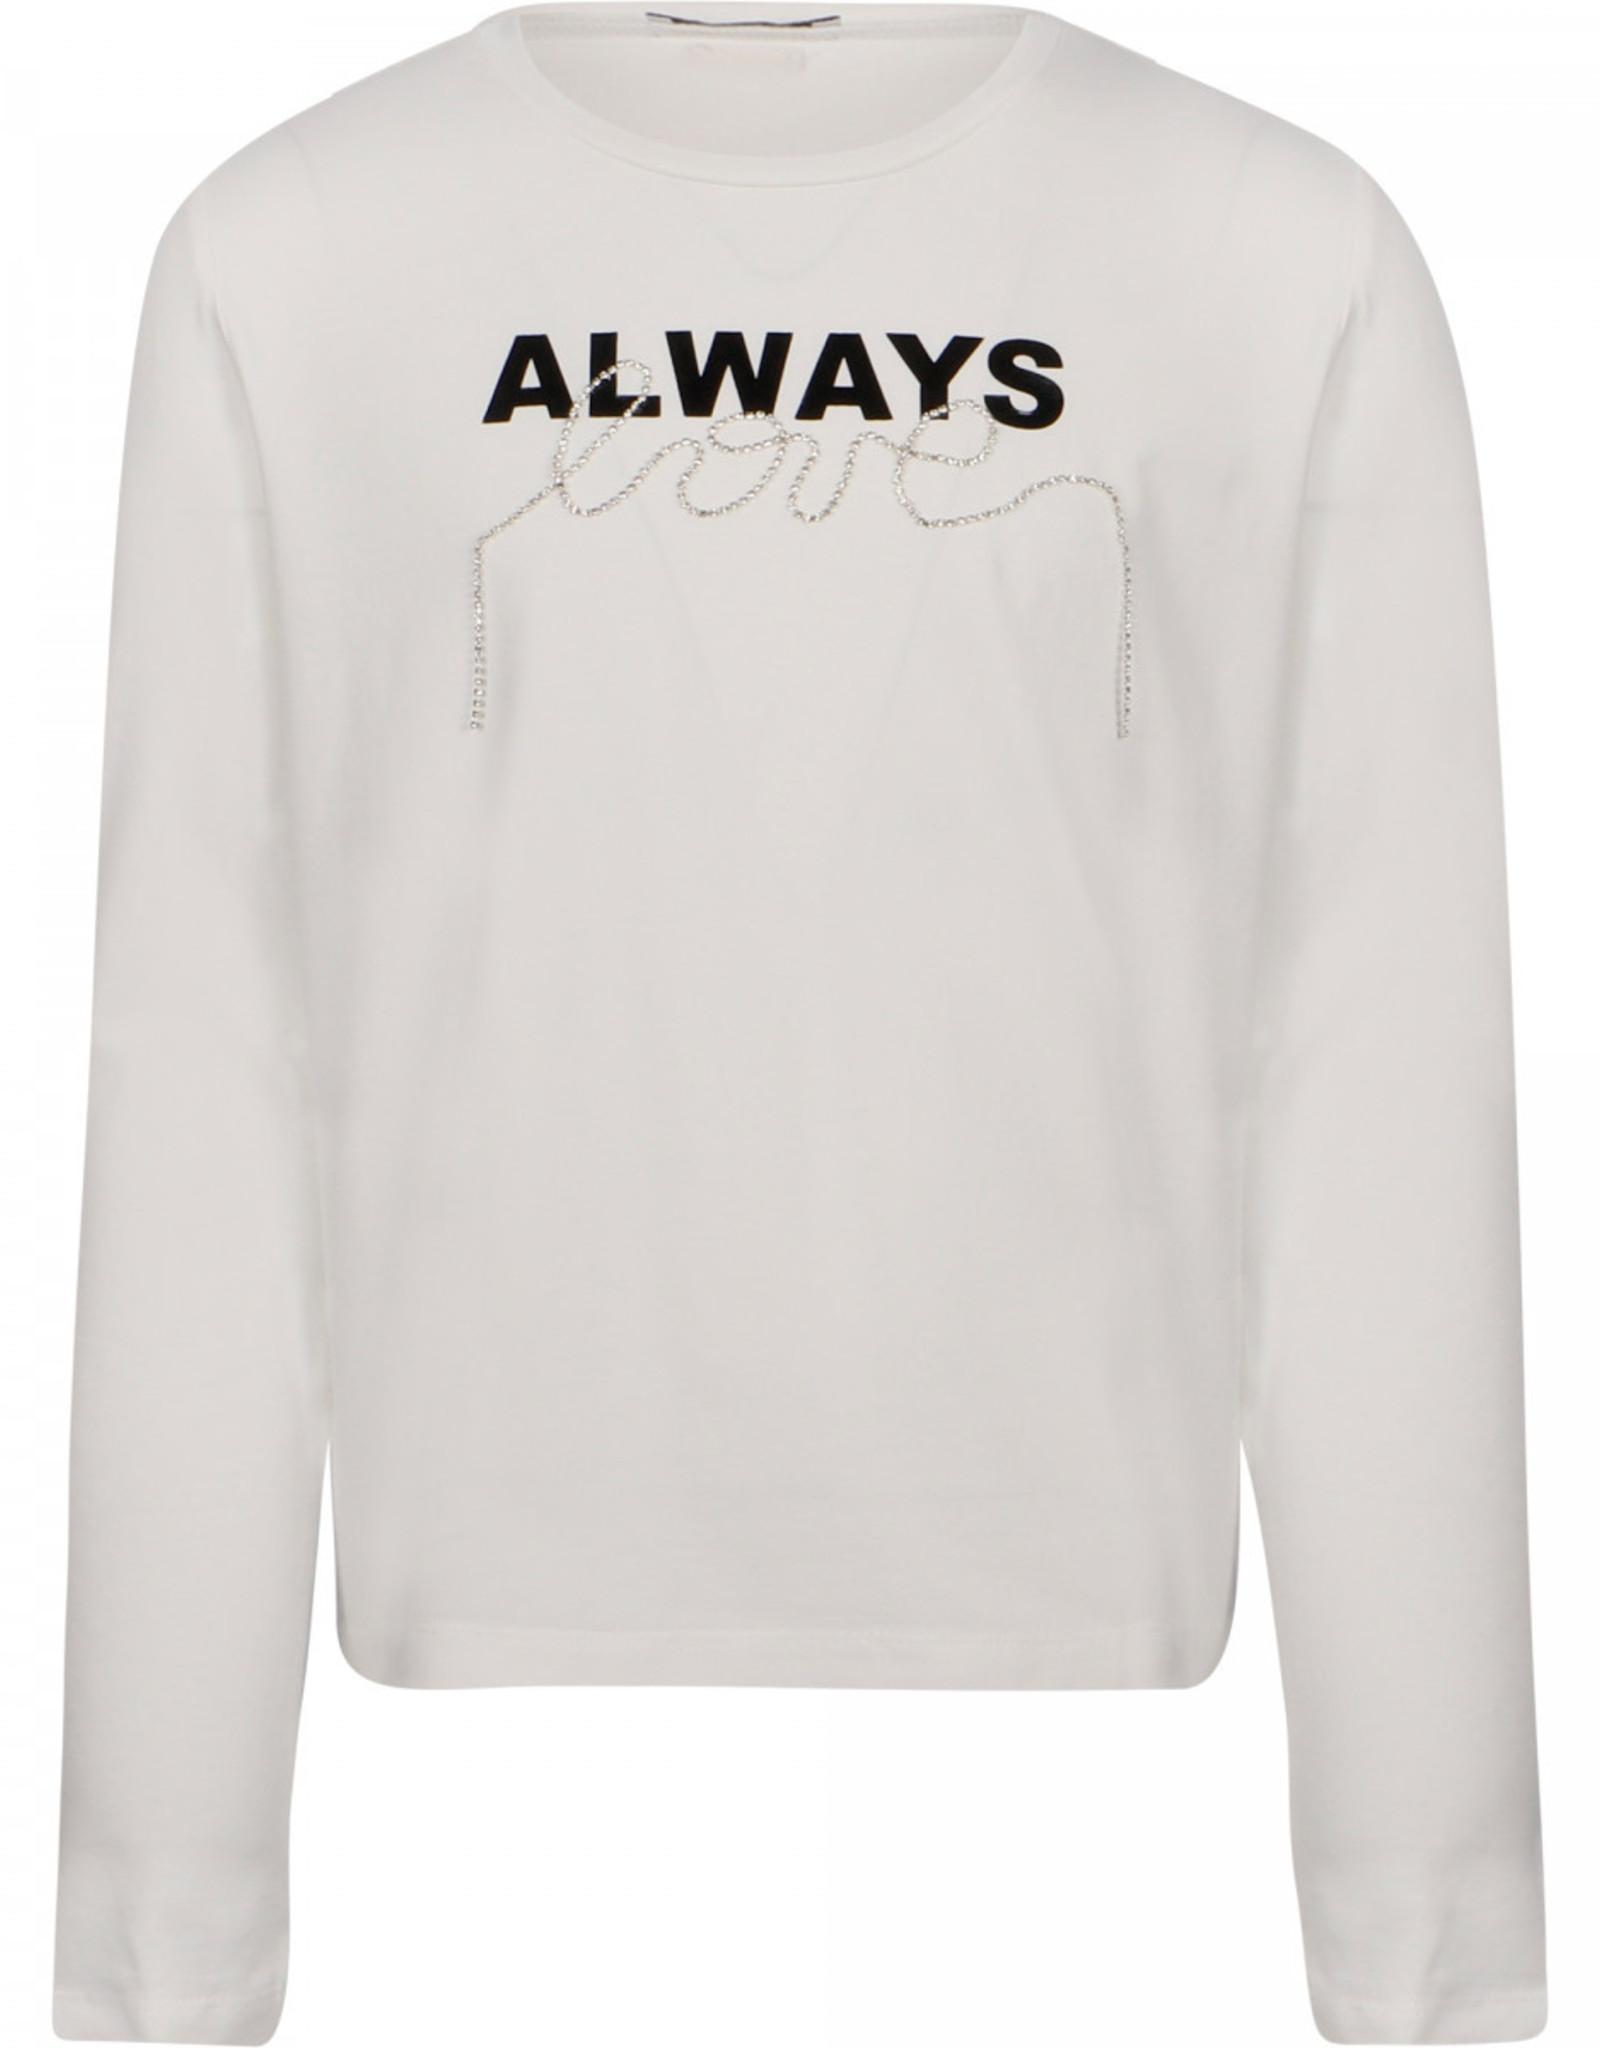 LIU JO Always Love T-Shirt